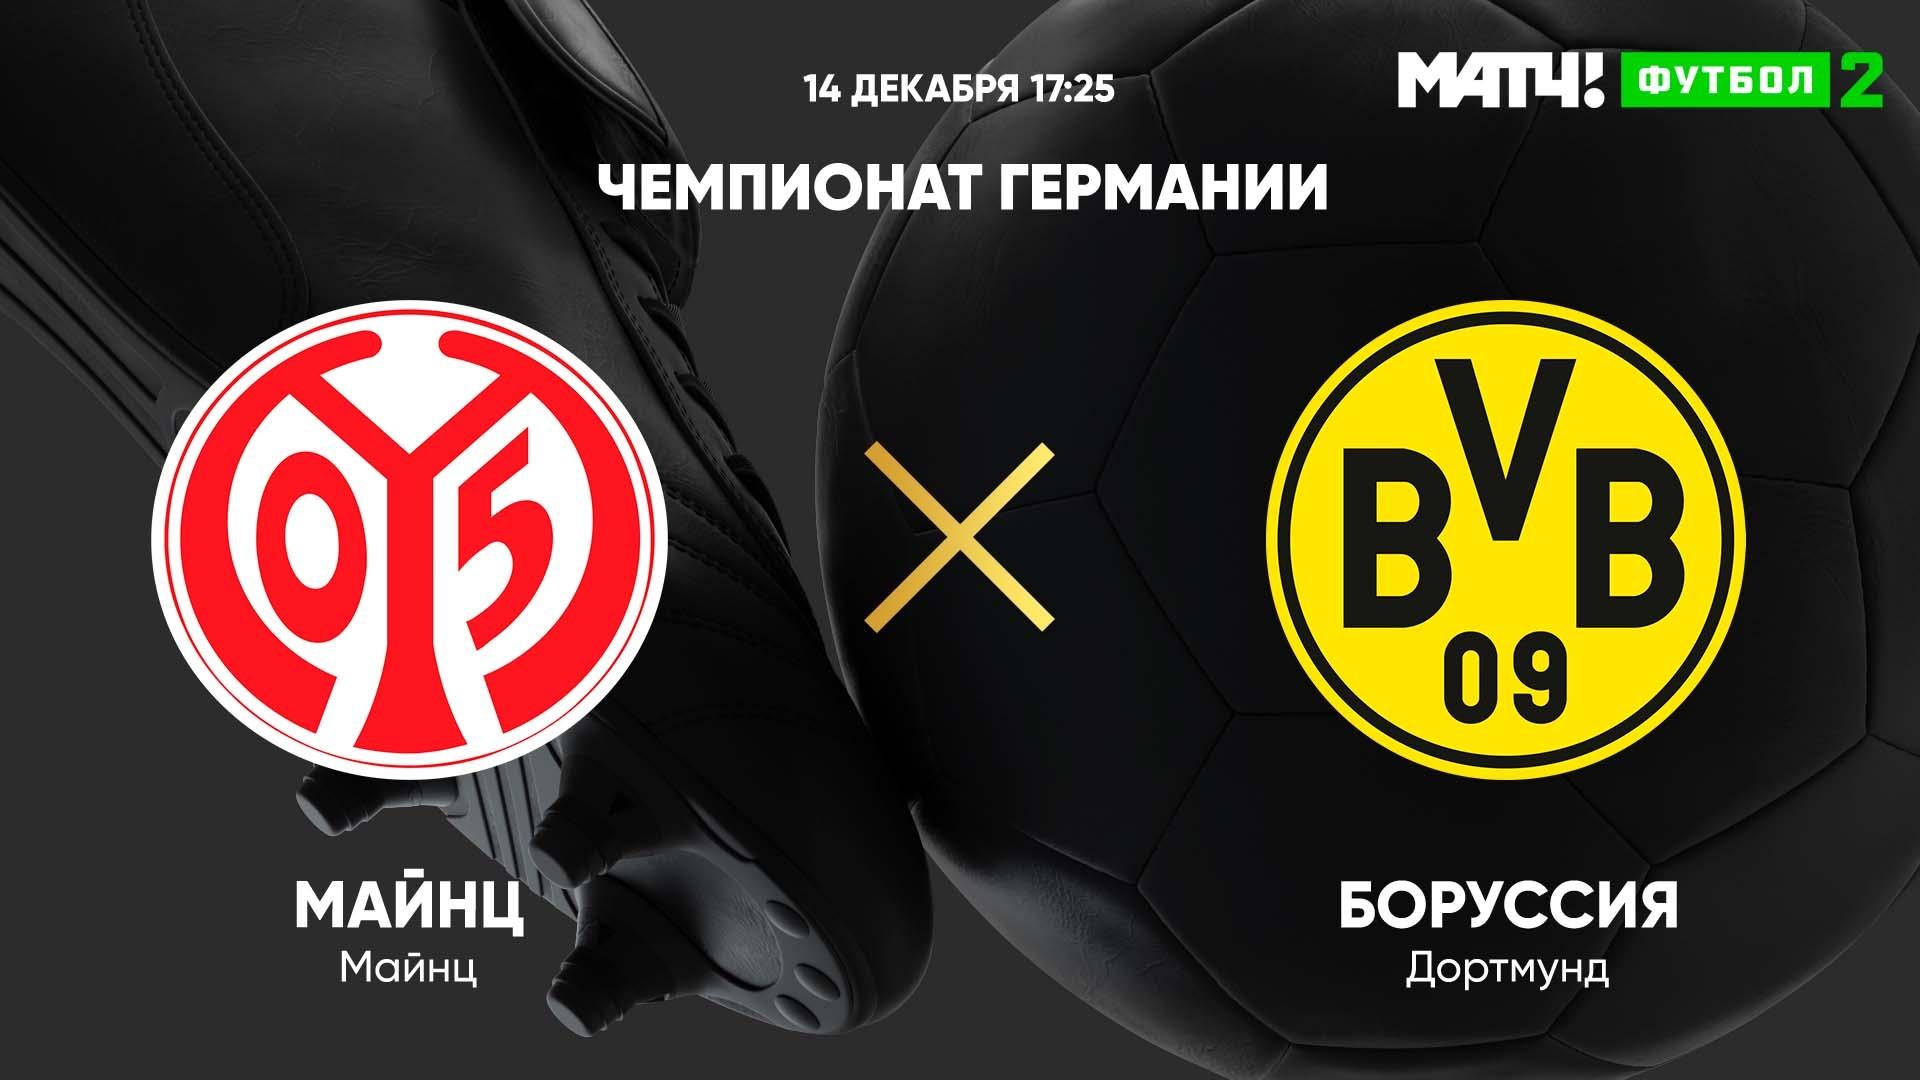 Майнц 05 боруссия дортмунд 29 января 2017